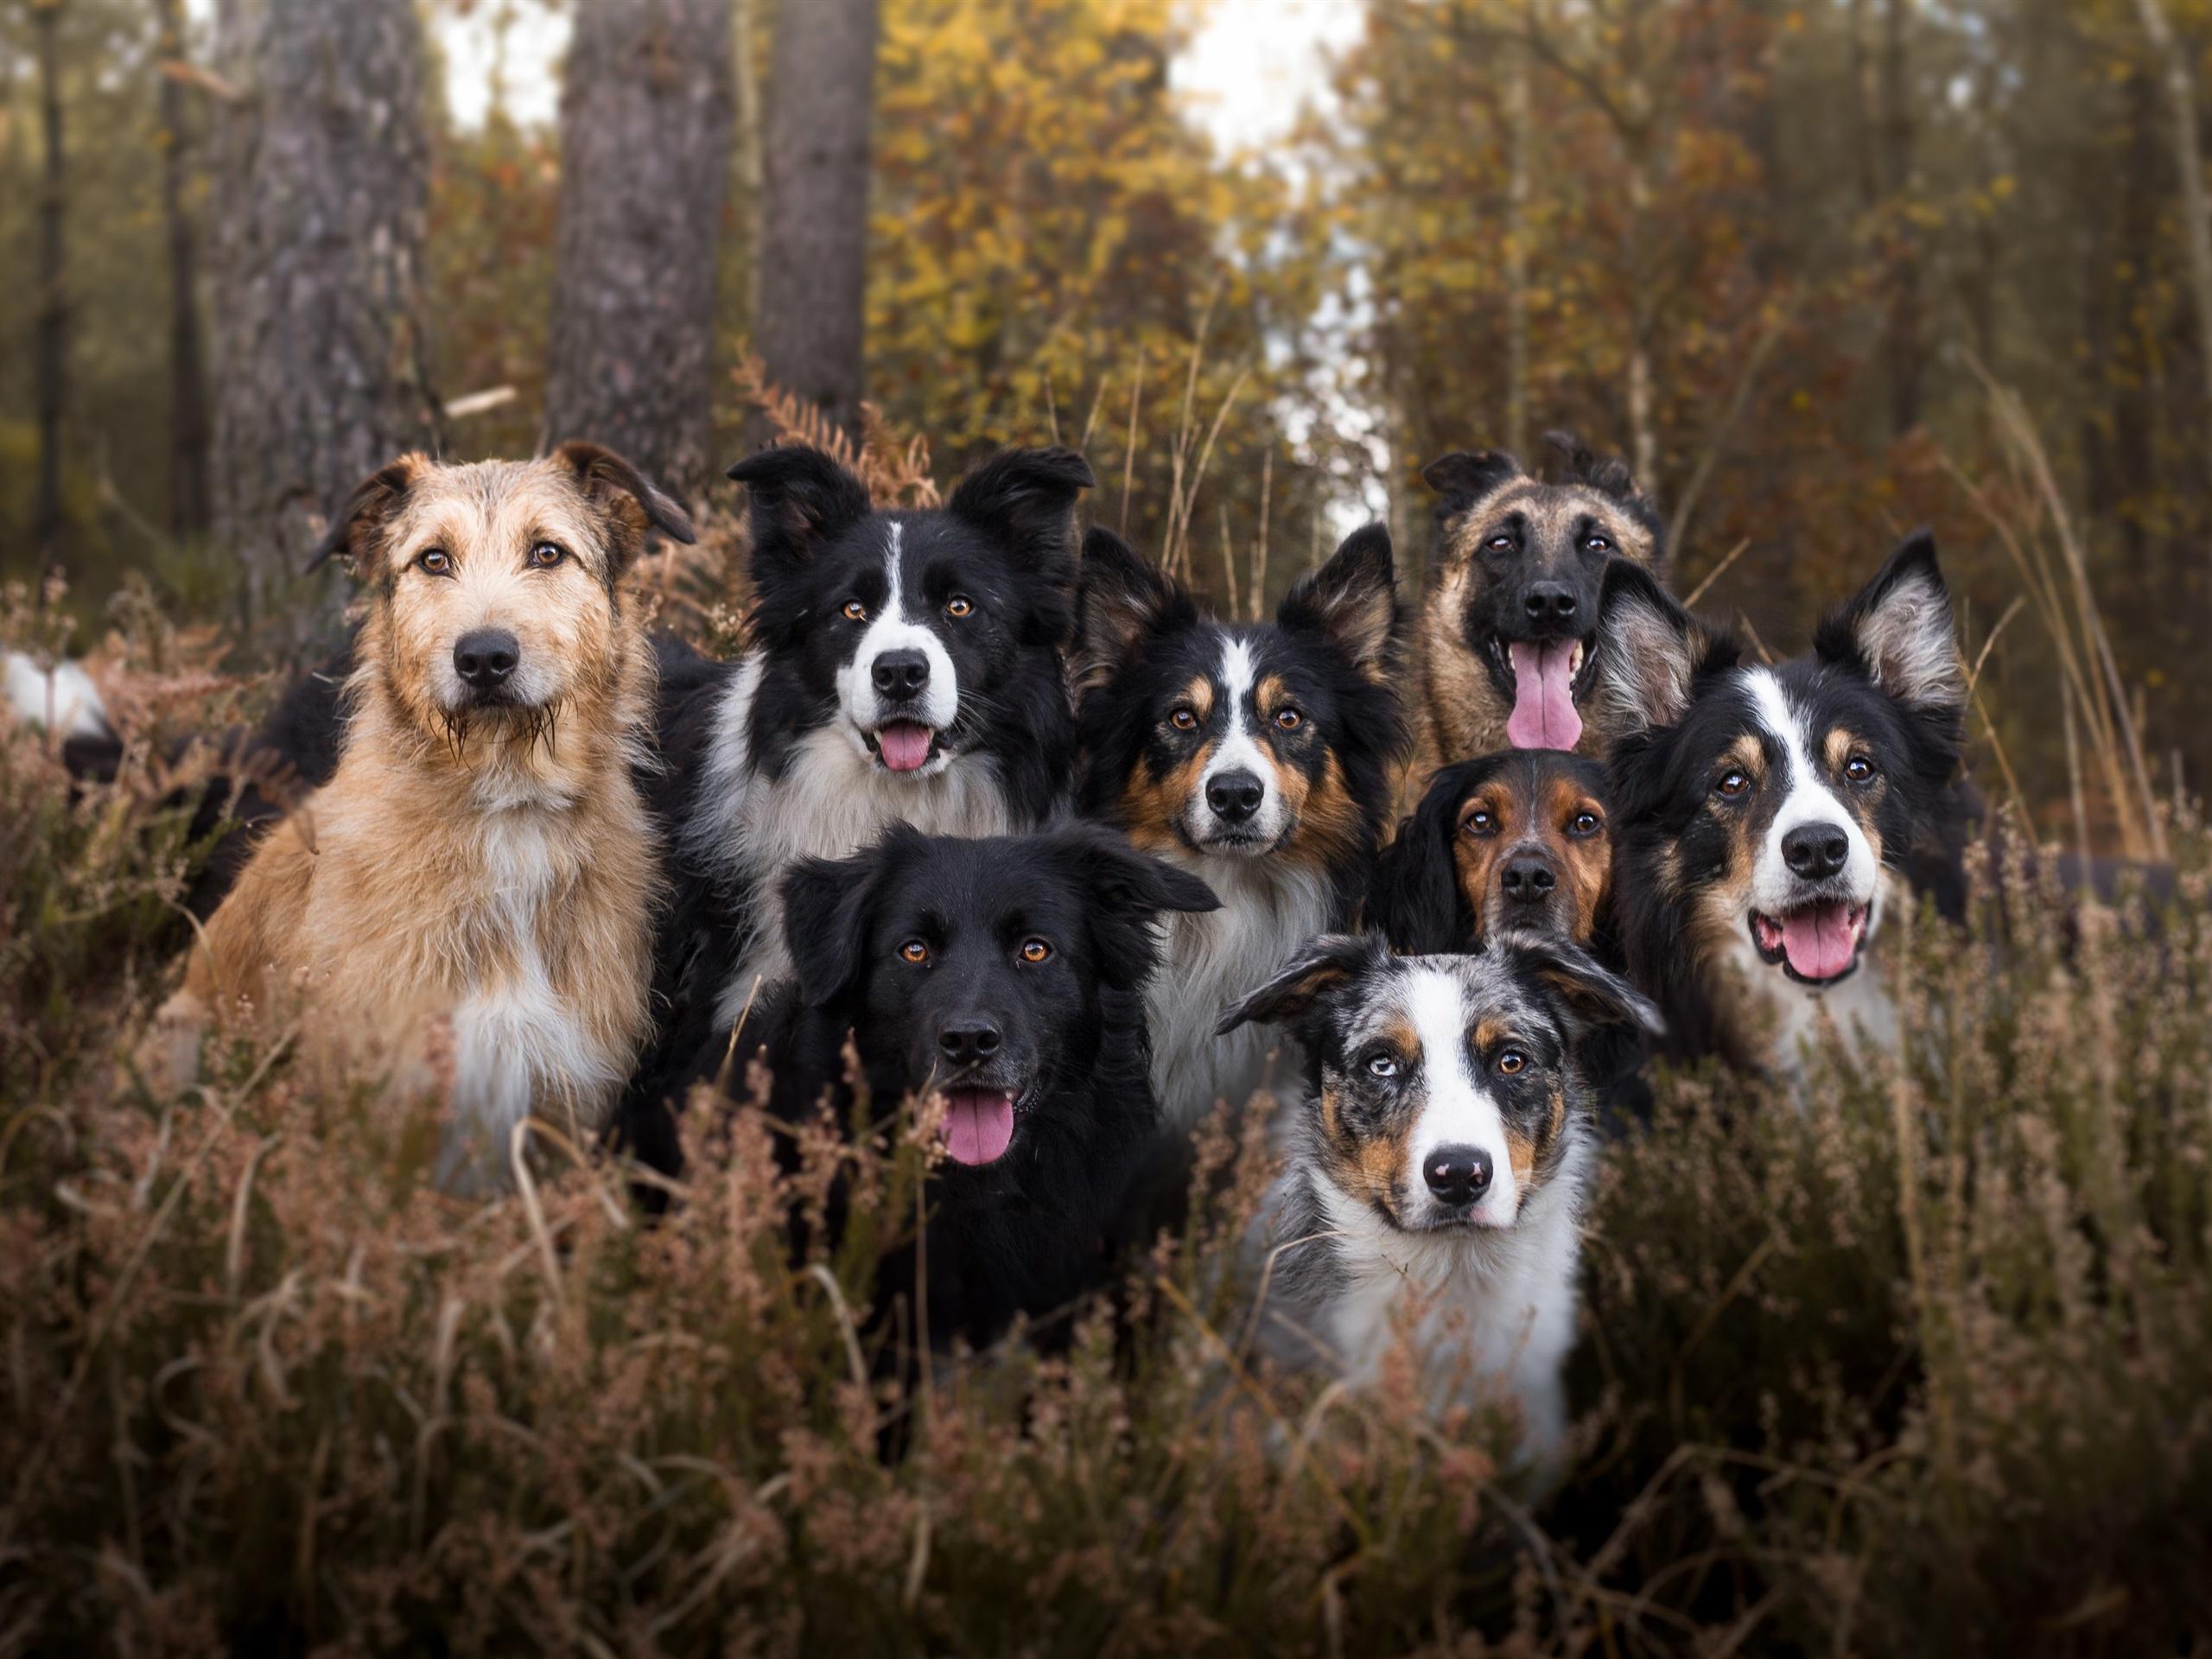 картинки собак разных пород вместе ограничивается